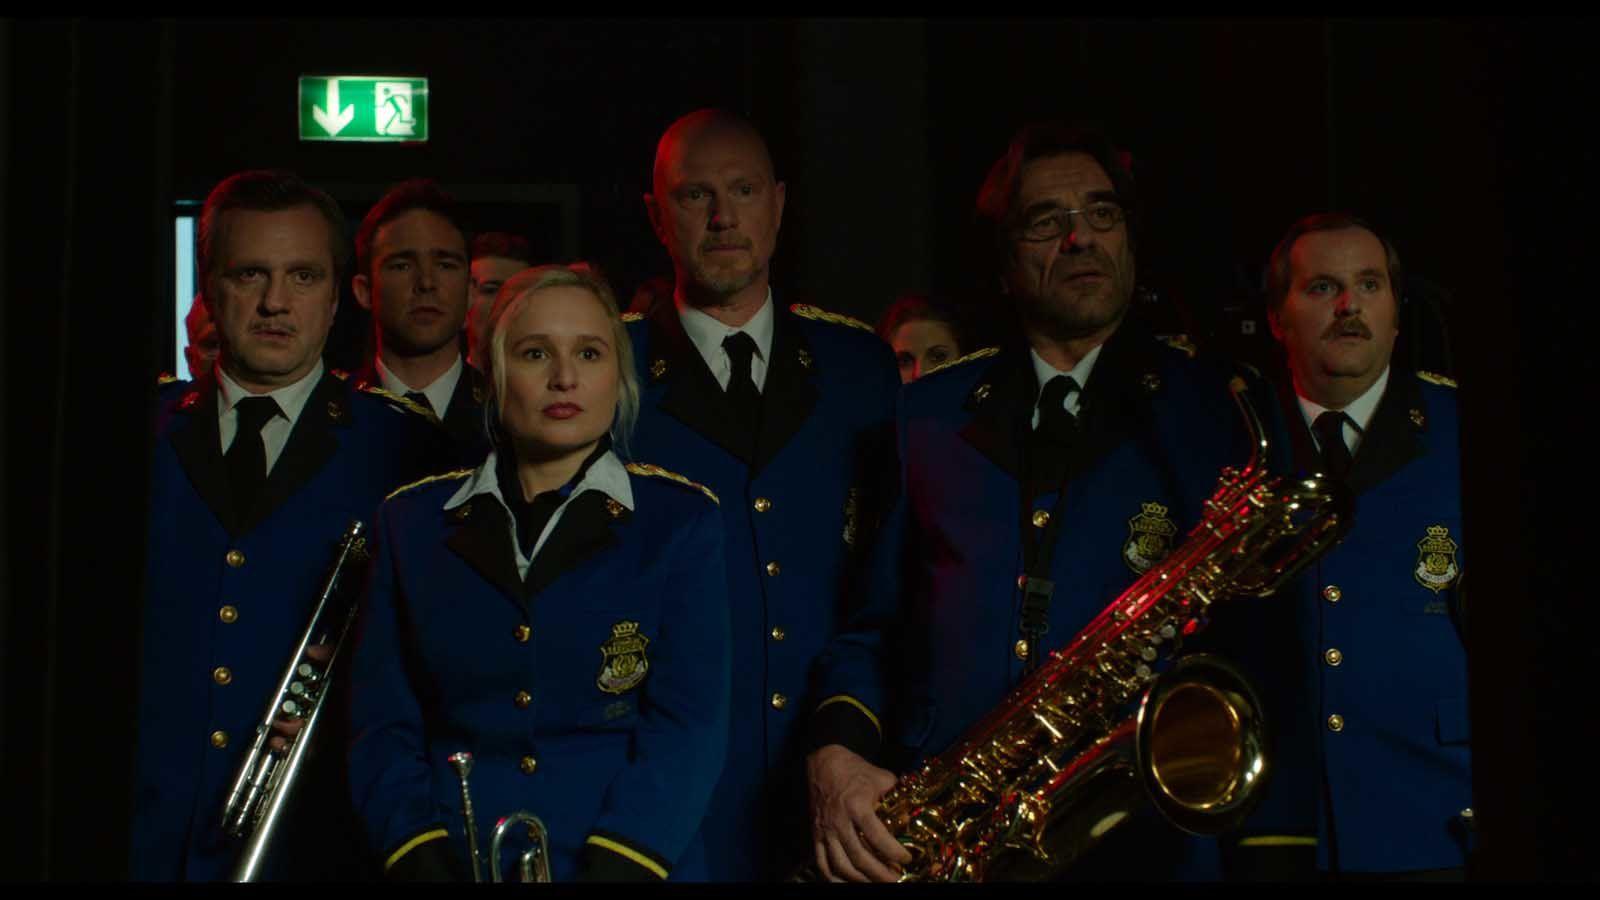 La vie est belge (BANDE ANNONCE) avec Amaryllis Uitterlinden, Arthur Dupont, Jos Verbist - Le 13 juillet 2016 au cinéma